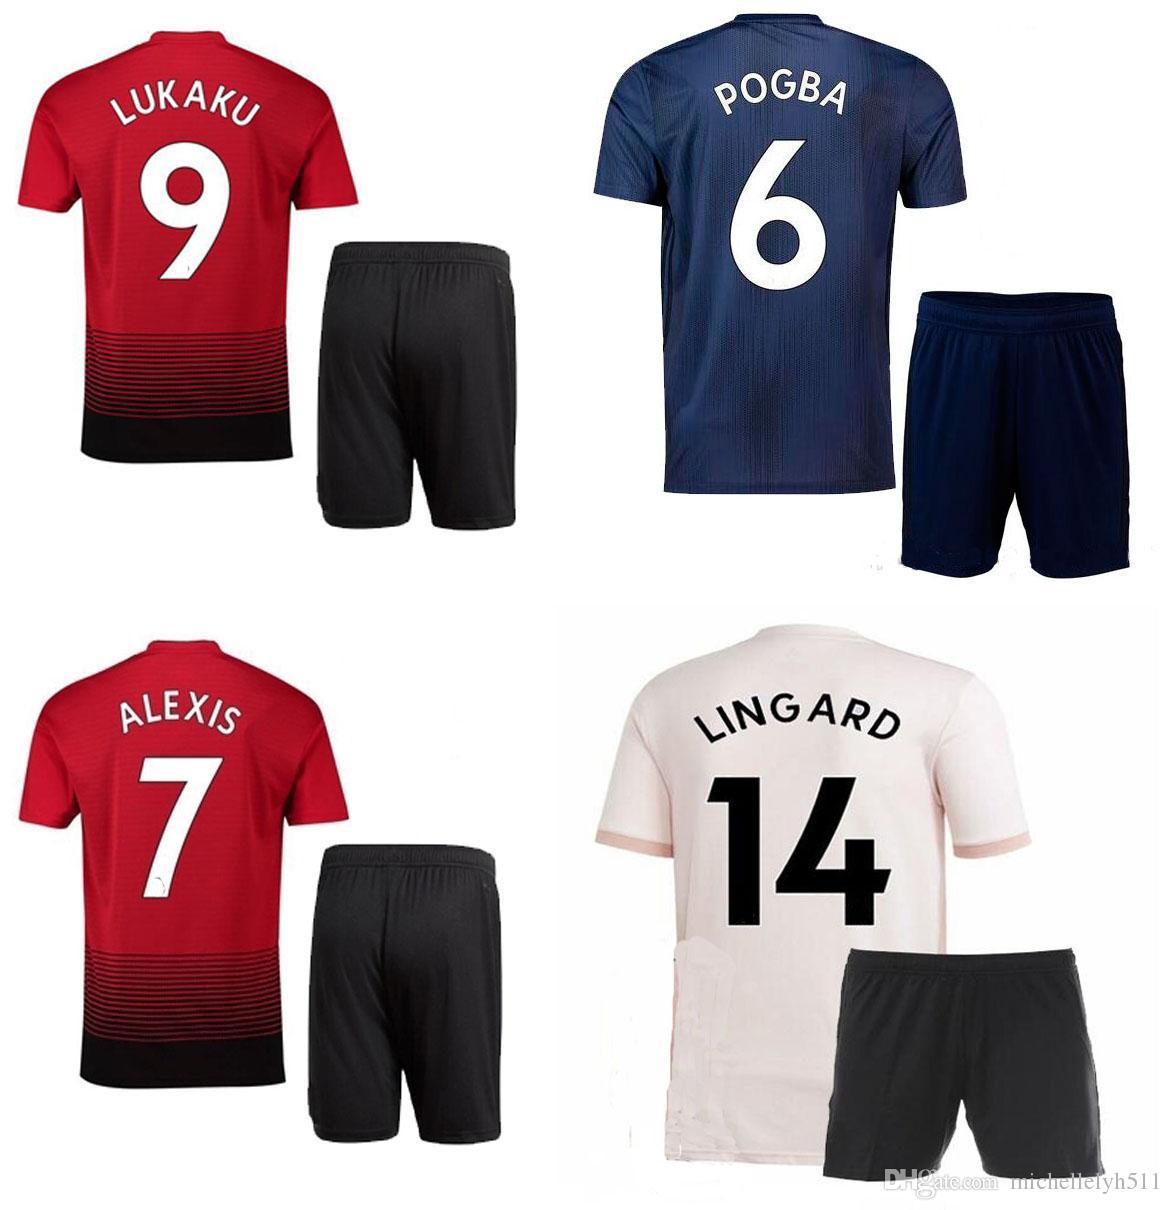 18 19 Kits De Fútbol POGBA Shorts De Camiseta De Fútbol LUKAKU MATIC  RASHFORD 2018 2019 ALEXIS Mata Conjuntos De Fútbol MUTD Terceros Del Equipo  Visitante ... 46cee60cd6e38